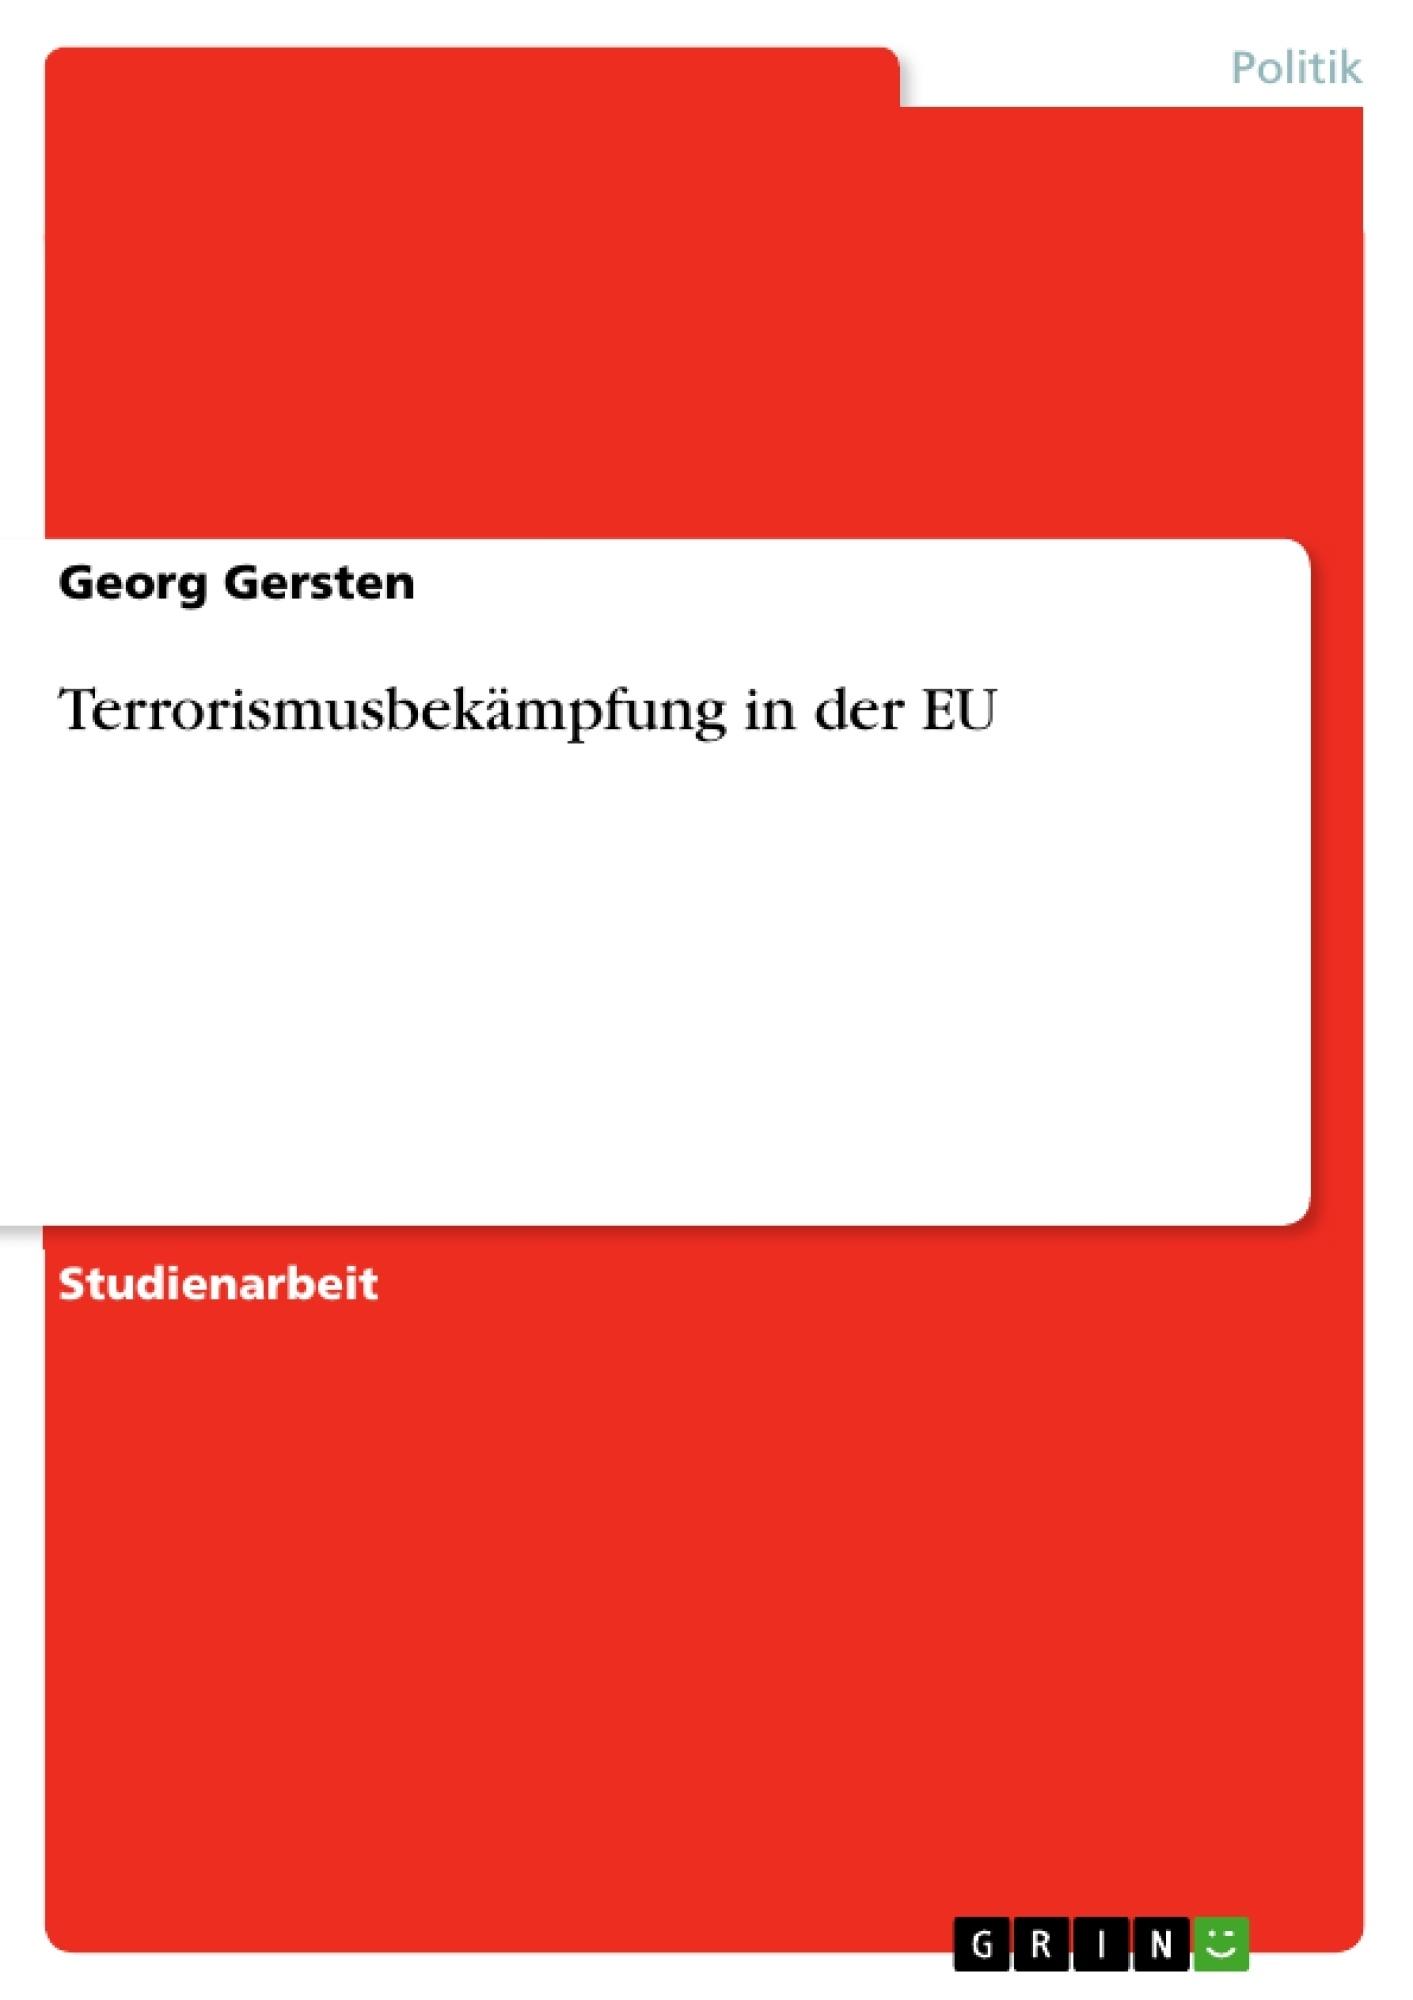 Titel: Terrorismusbekämpfung in der EU